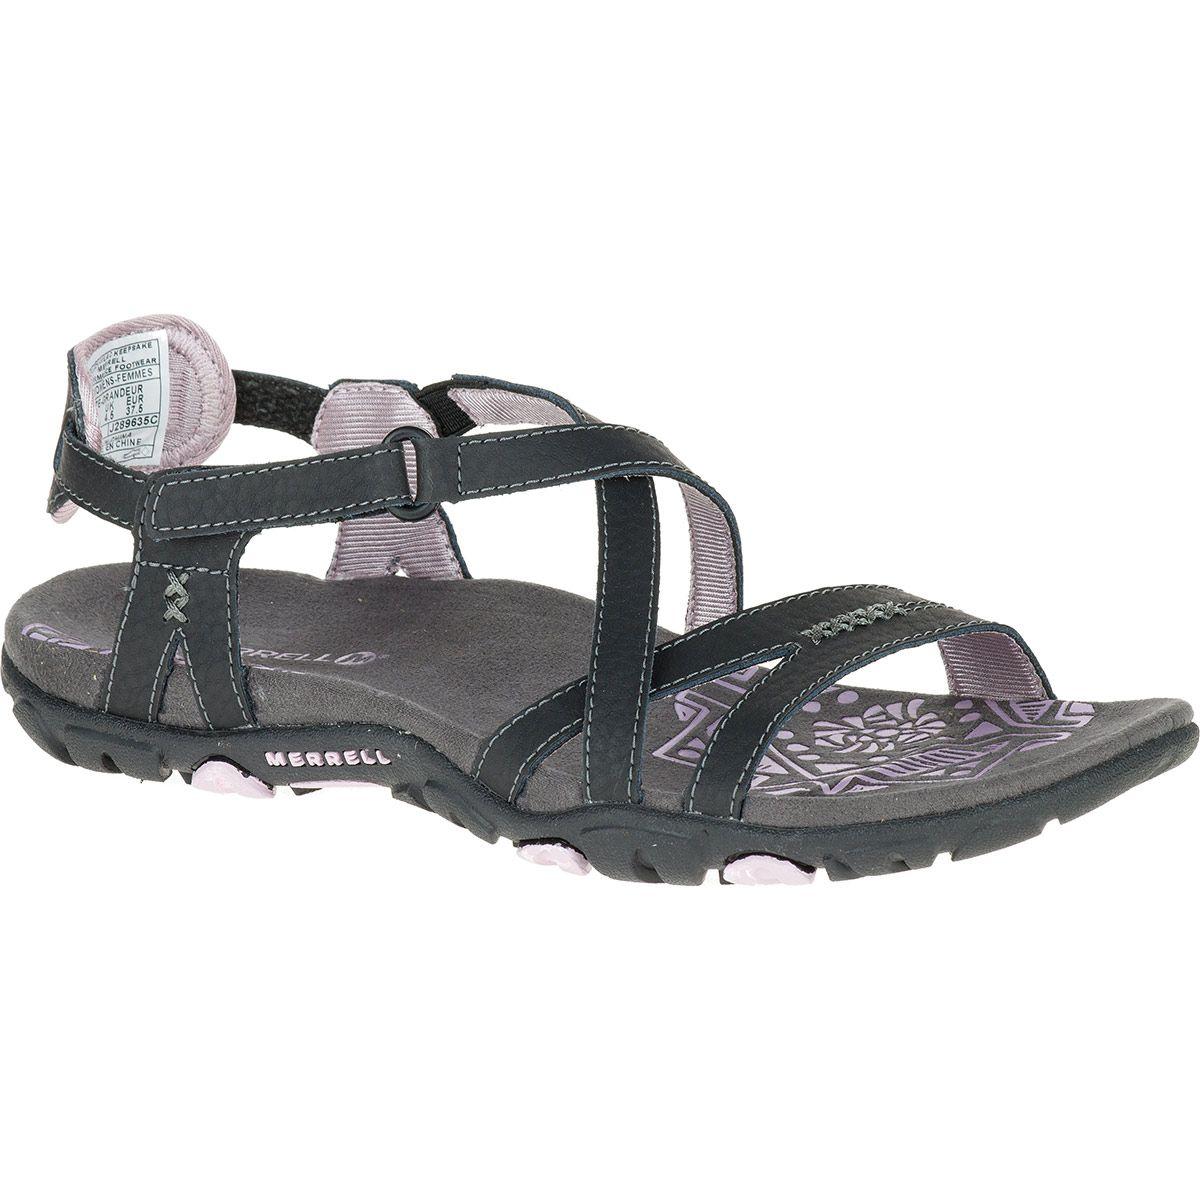 den bedste holdning Kuponkode på fødderne kl MERRELL Women's Sandspur Rose Leather Sandals - Shop Now for ...